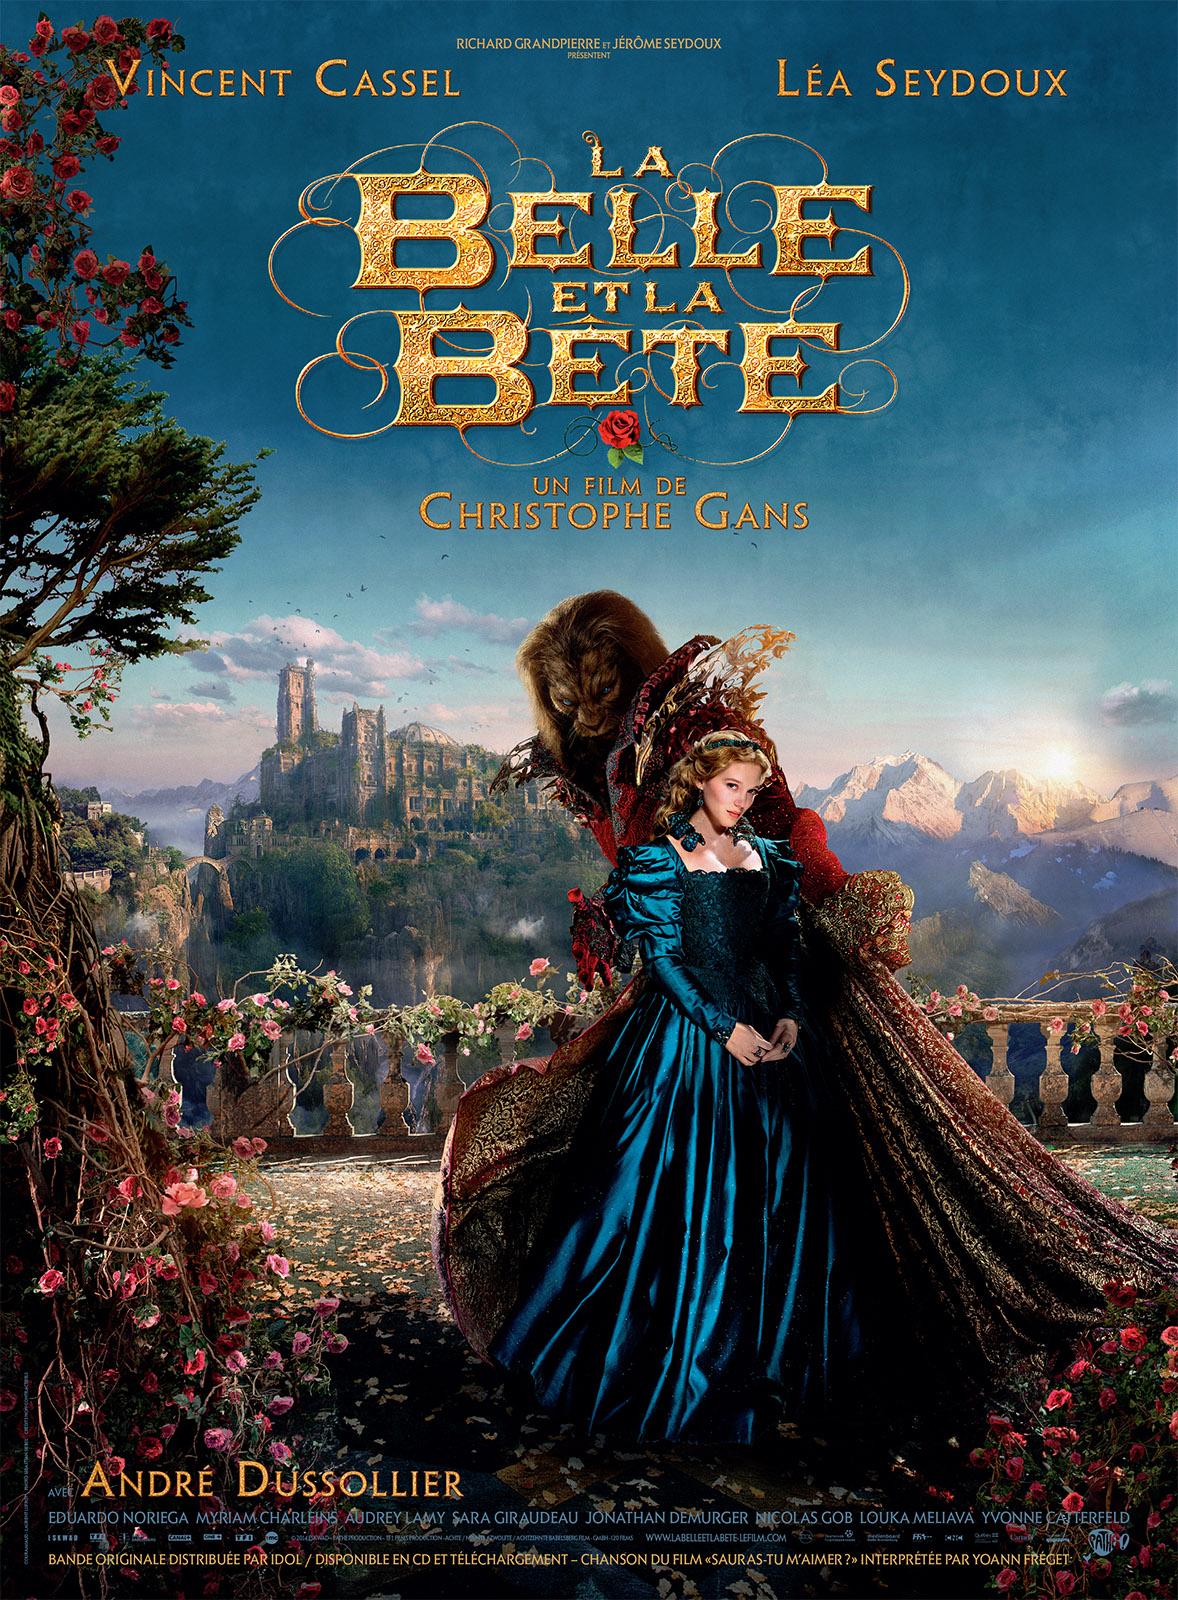 a review of the film la belle et la bete Jean cocteau's la belle et la bête (the beauty and the beast) is a french film  from 1946 beginning with 'once upon a time', la belle et la bête.